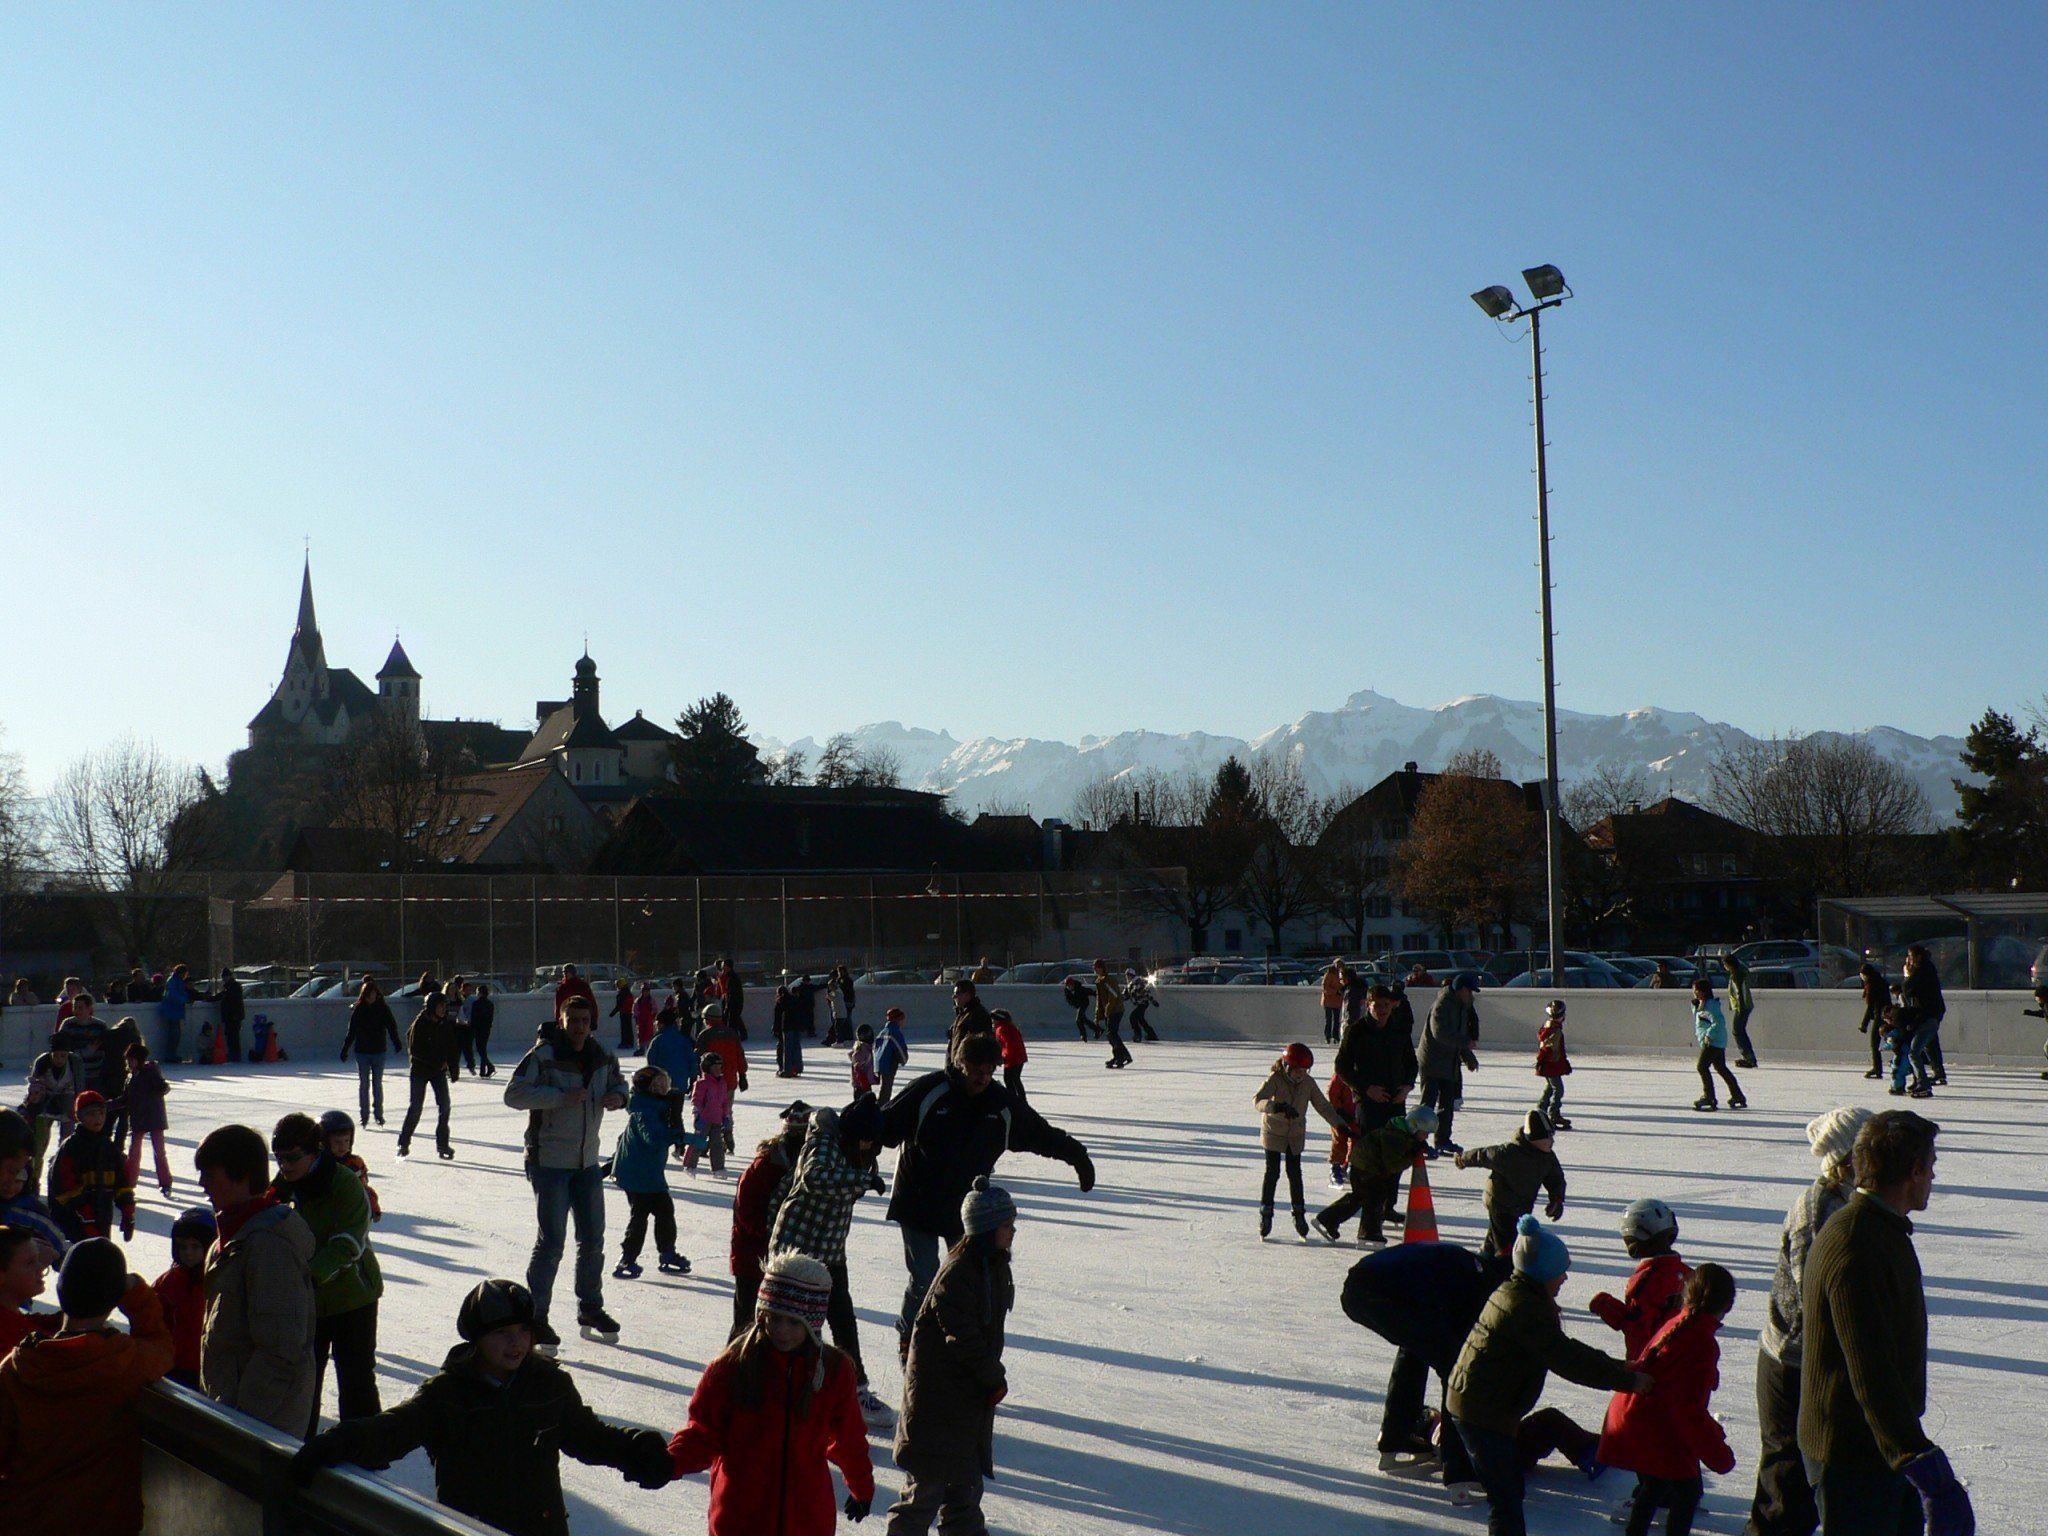 Eislaufen auf dem Eislaufplatz Gastra ist im Winter eine beliebte Freizeitbeschäftigung.